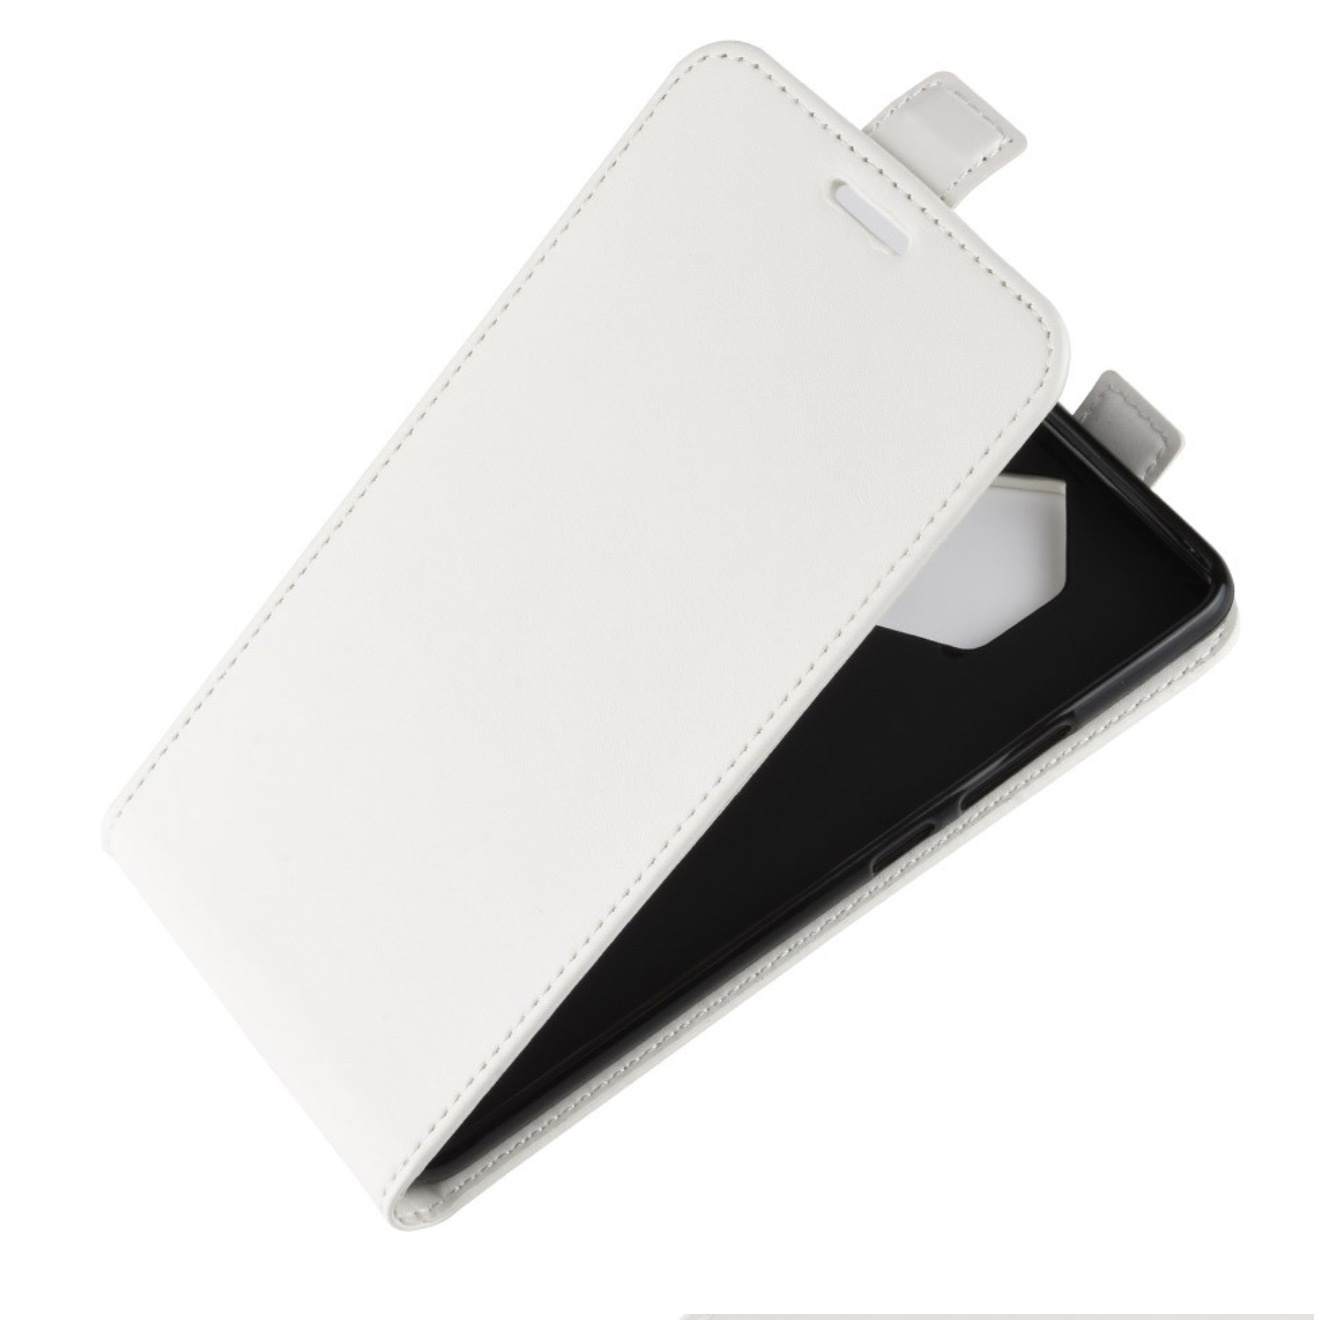 Чехол-флип MyPads для ASUS Zenfone 4 4.5 A450CG вертикальный откидной белый чехол флип mypads для asus zenfone 4 selfie pro zd552kl вертикальный откидной белый